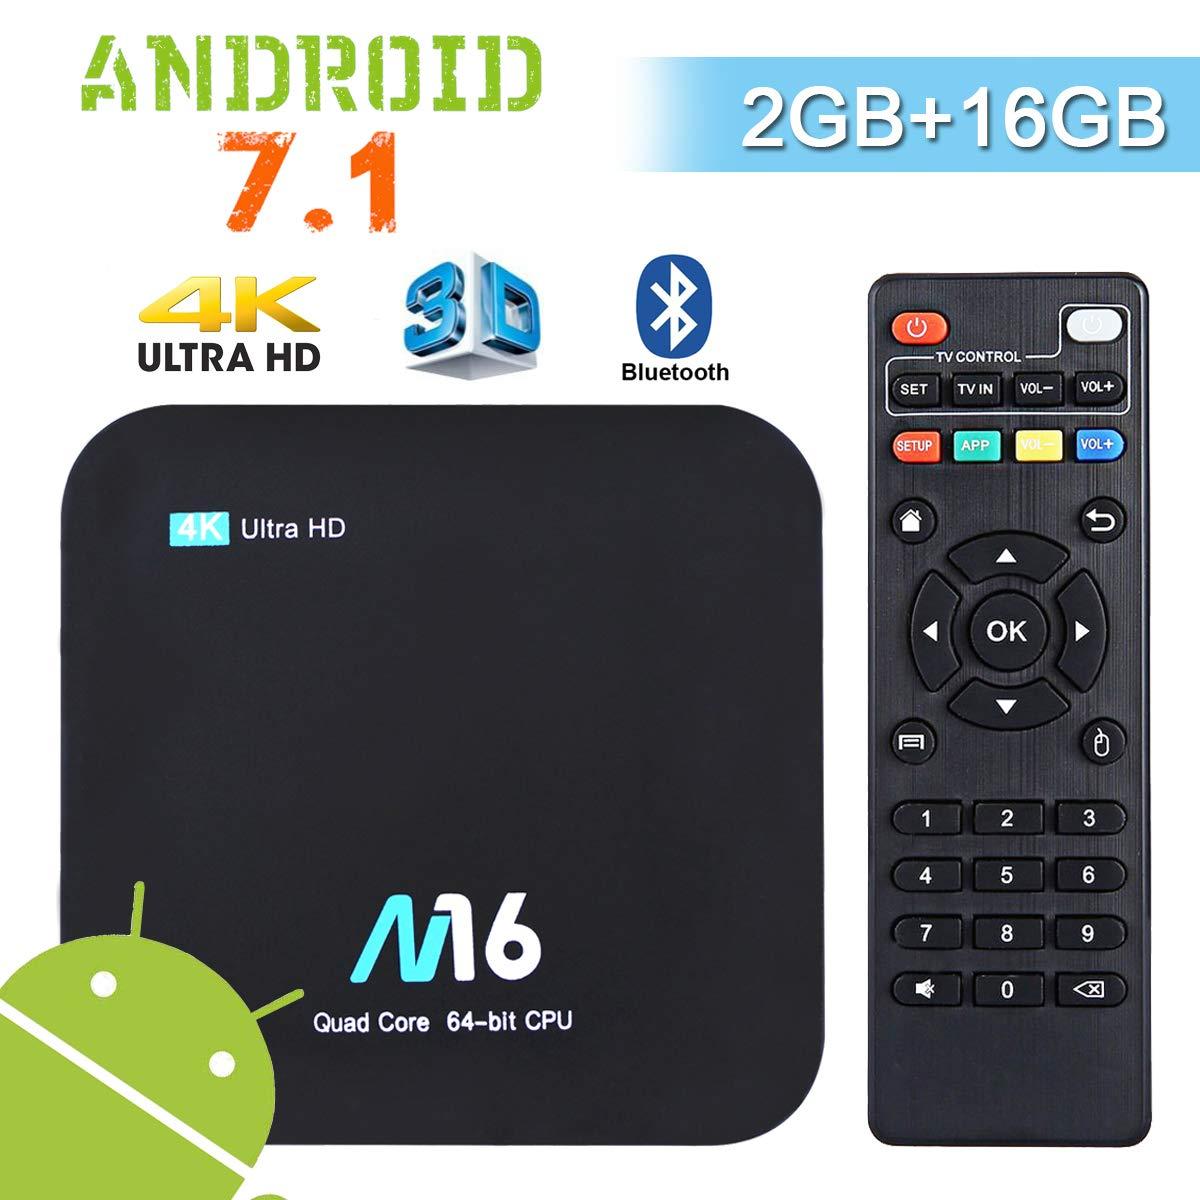 Android TV Box 4K - Wesho Android 7.1 Smart TV Box de 2GB RAM+16GB ROM con Bluetooth 4.0, Actualizació n del Procesador Amlogic S905X Quad Core, Soporta WiFi 2.4GHz, Android Box Media Player Actualización del Procesador Amlogic S905X Quad Core